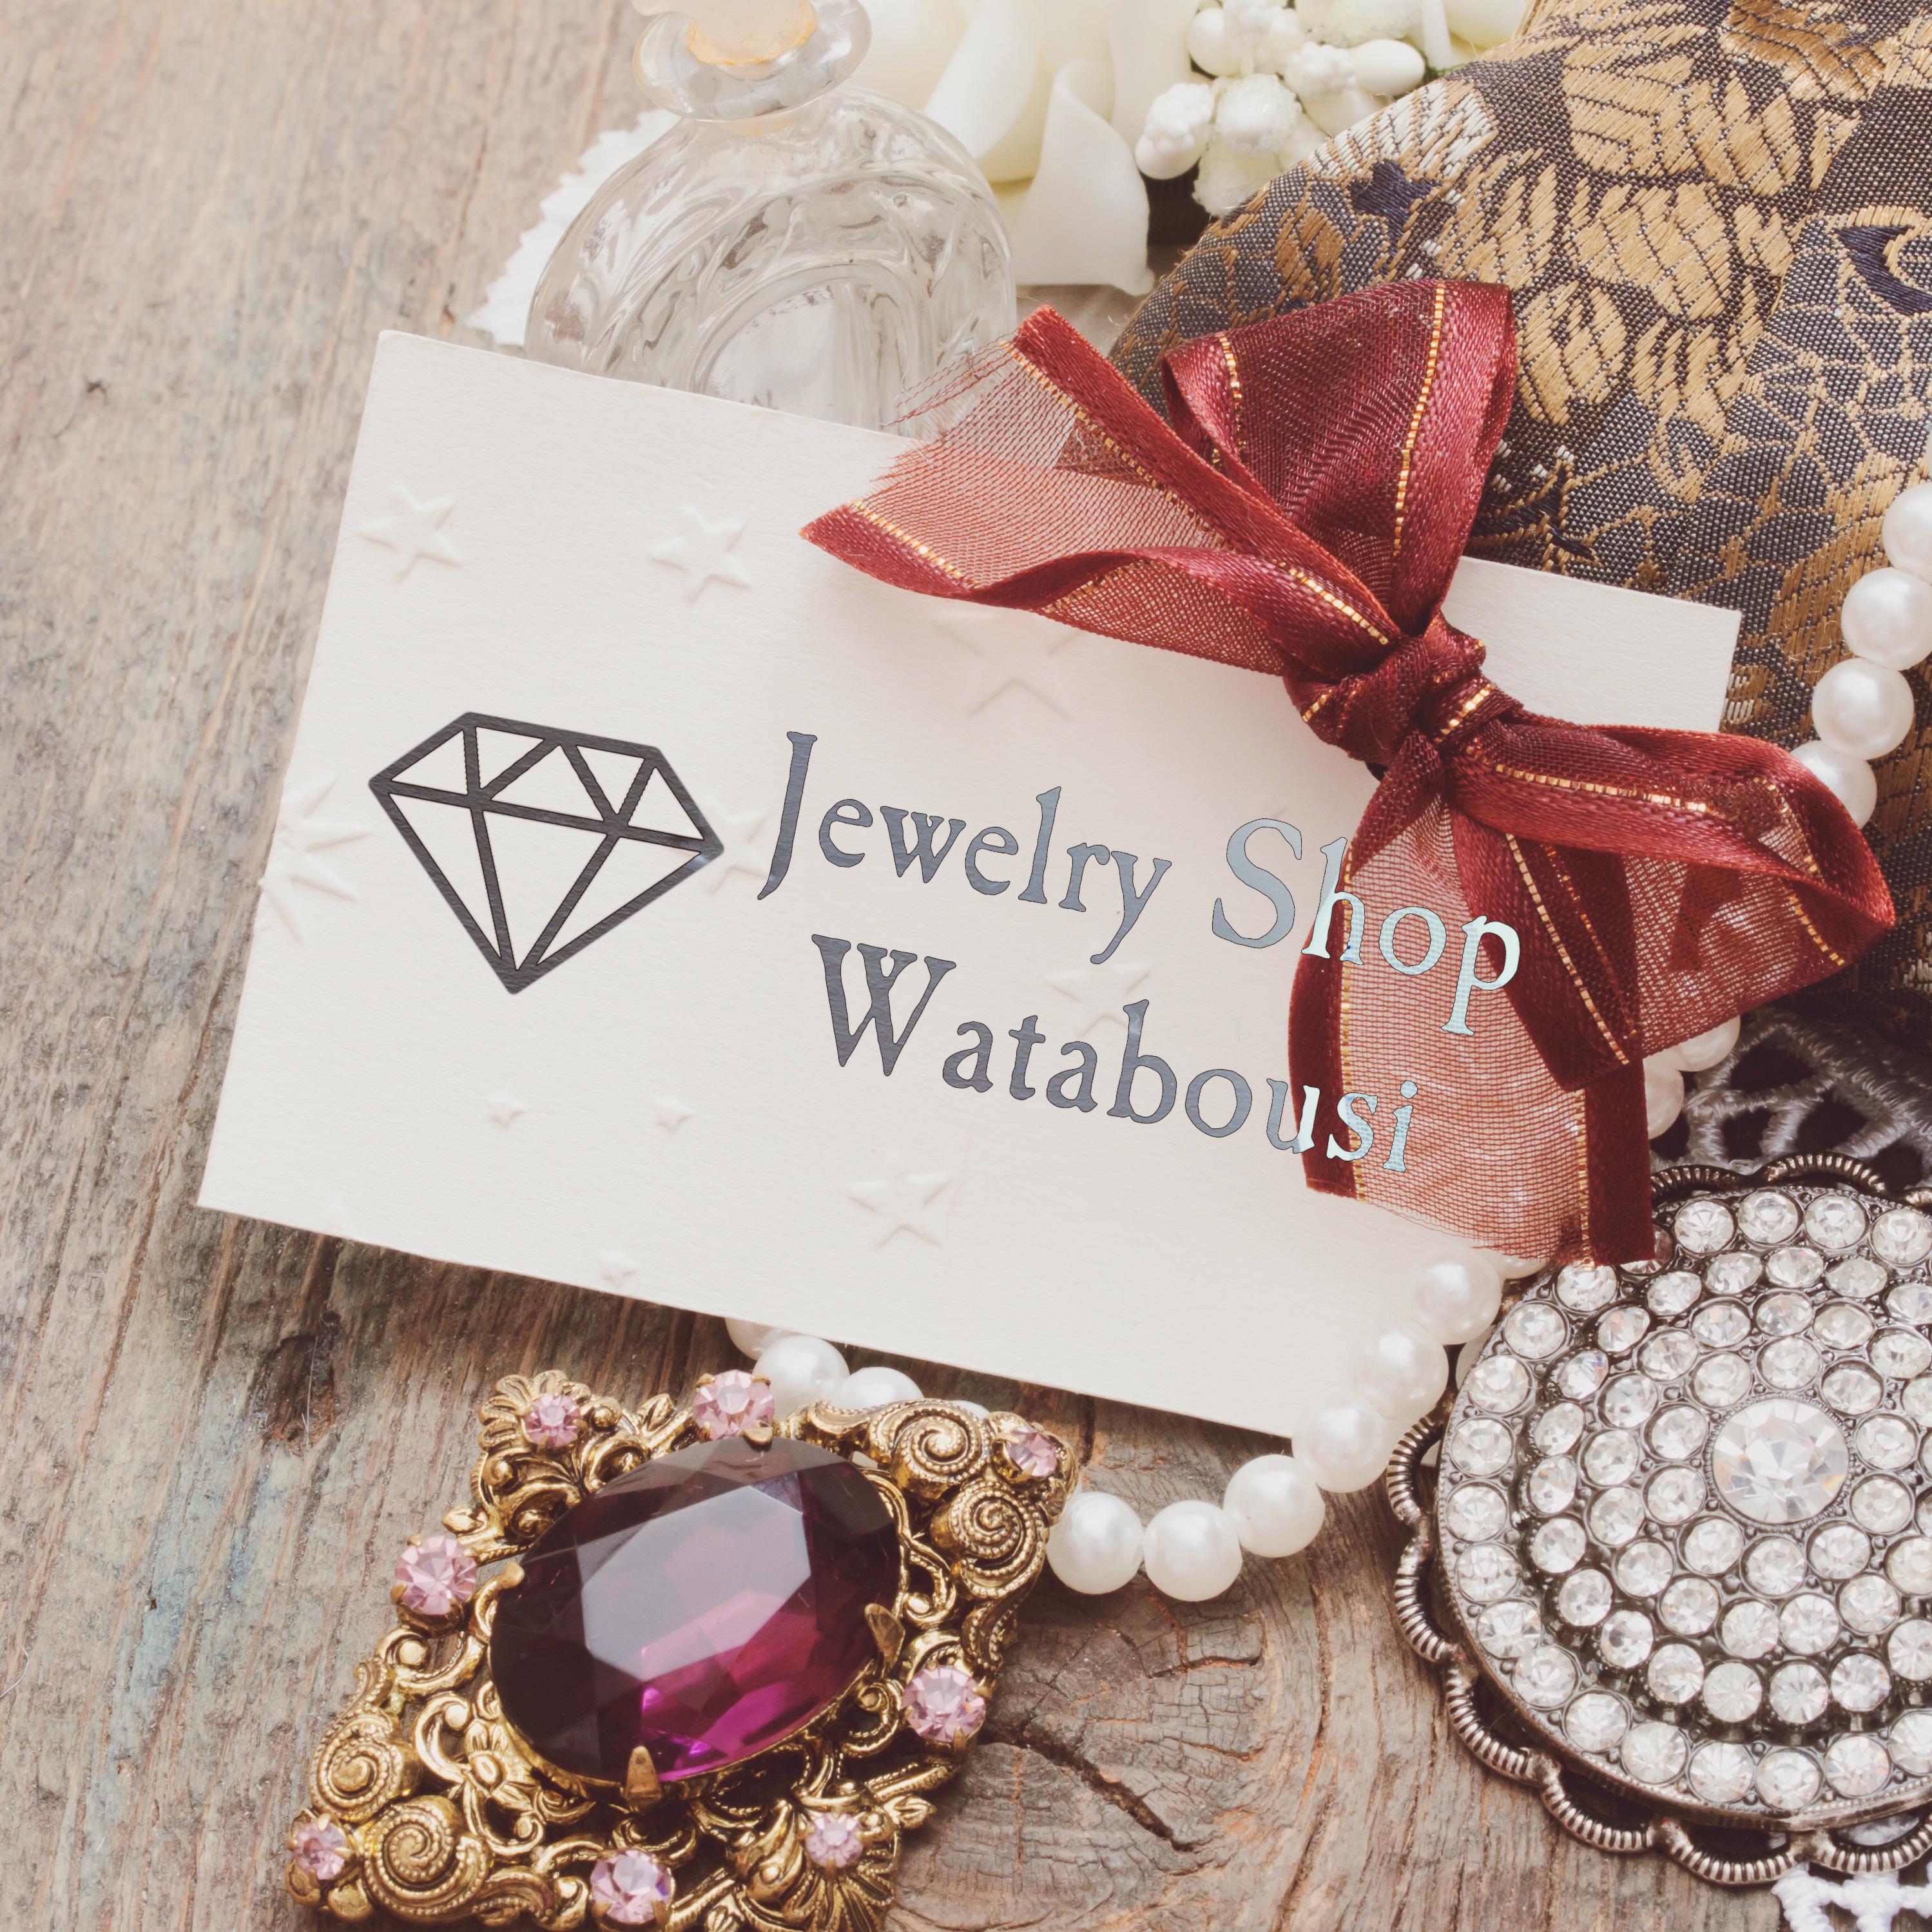 Jewelry shop わたぼうし